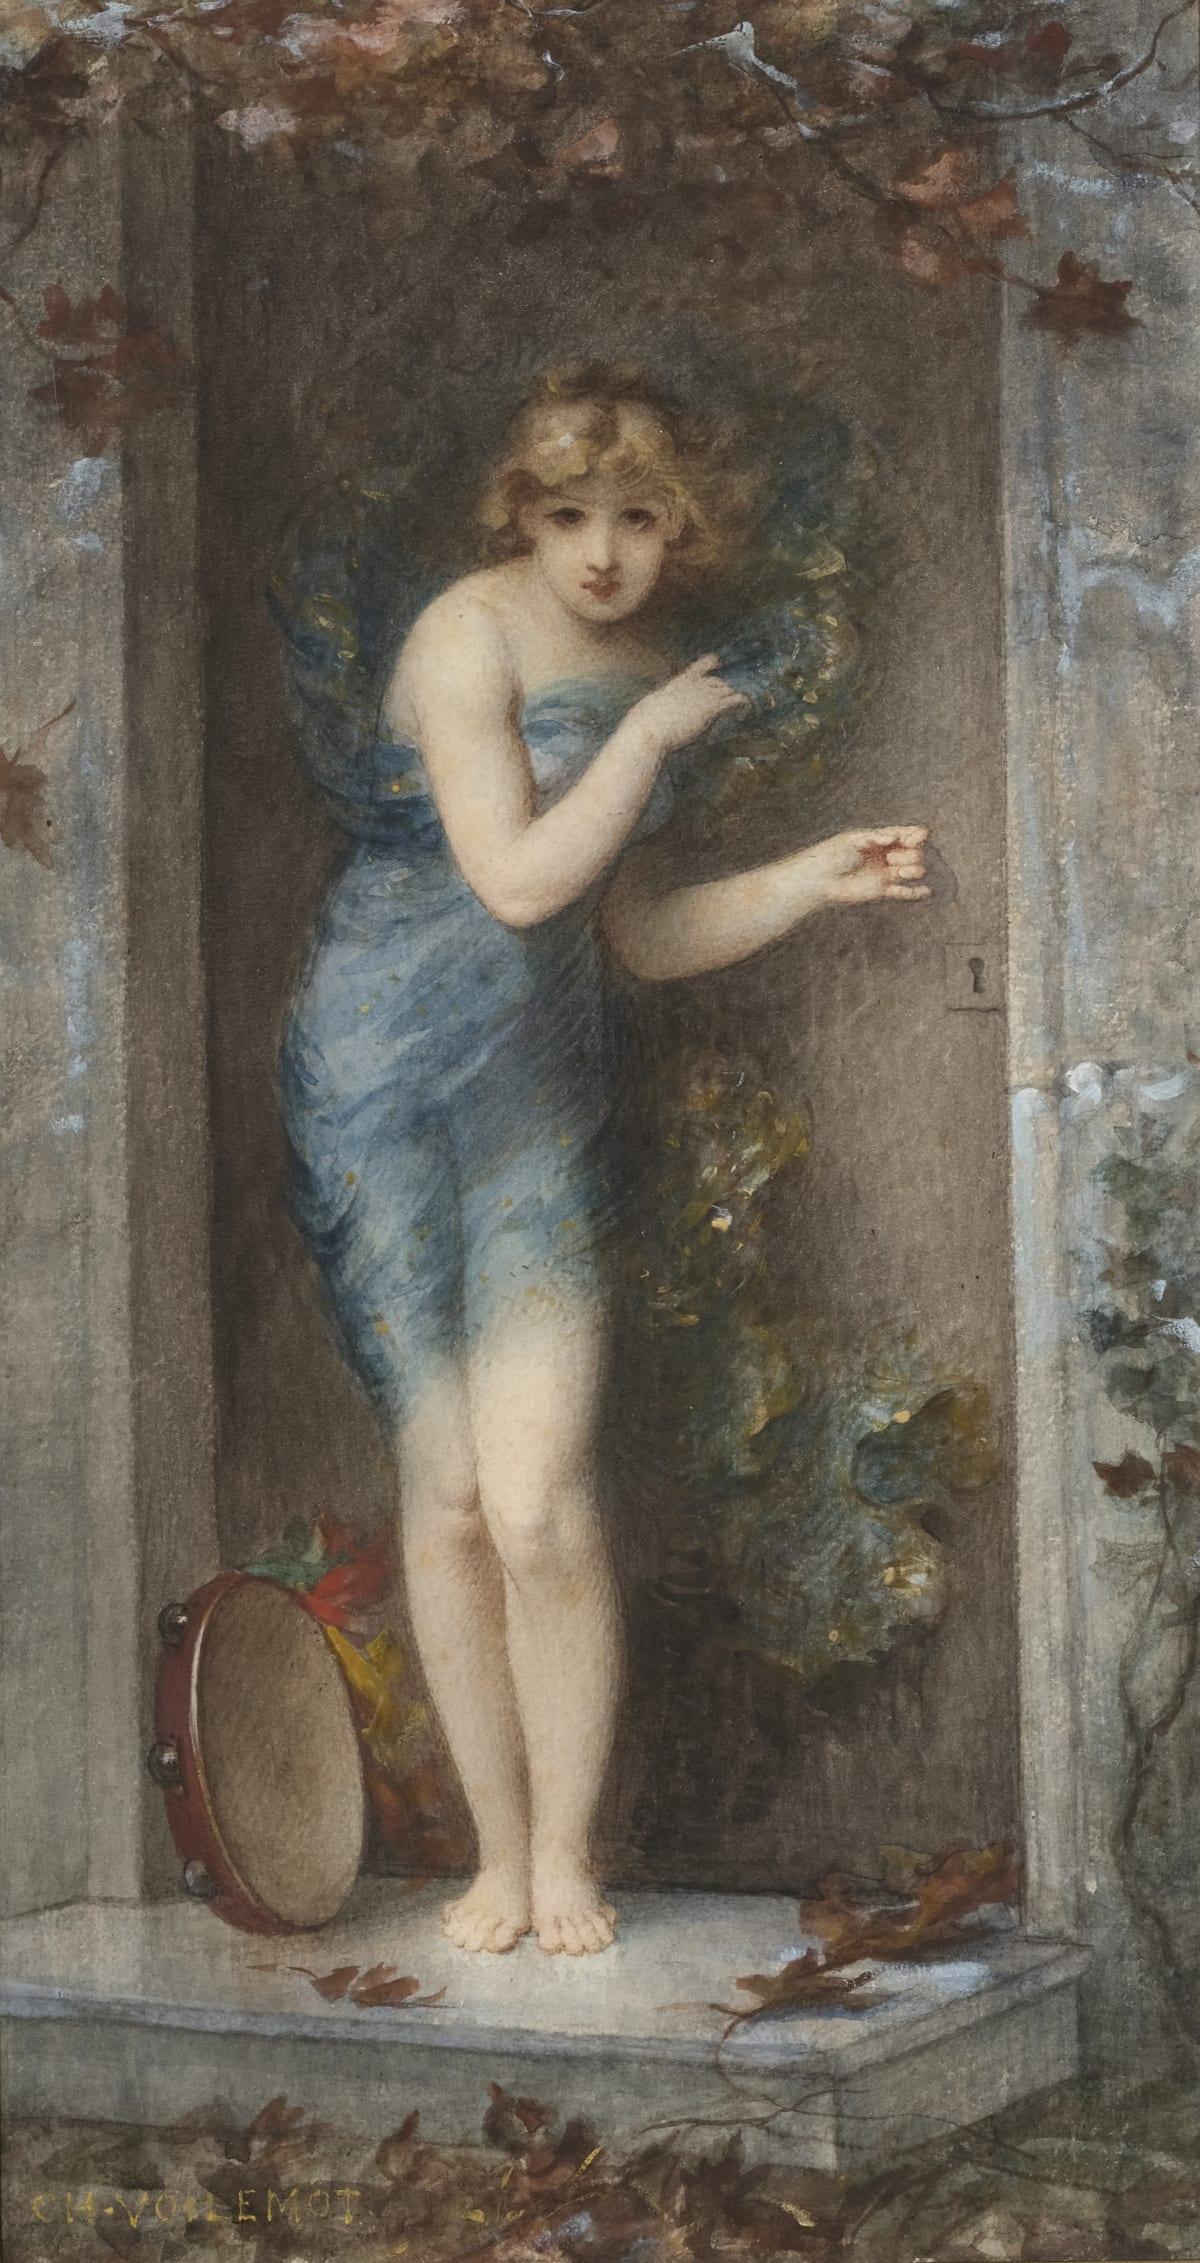 André Charles Voillemot La danse, circa 1870 Aquarelle 37 x 27 cm à la vue Signé en bas à gauche Aquarelle préparatoire pour le tableau conservé au Musée du Chateau de Compiègne.